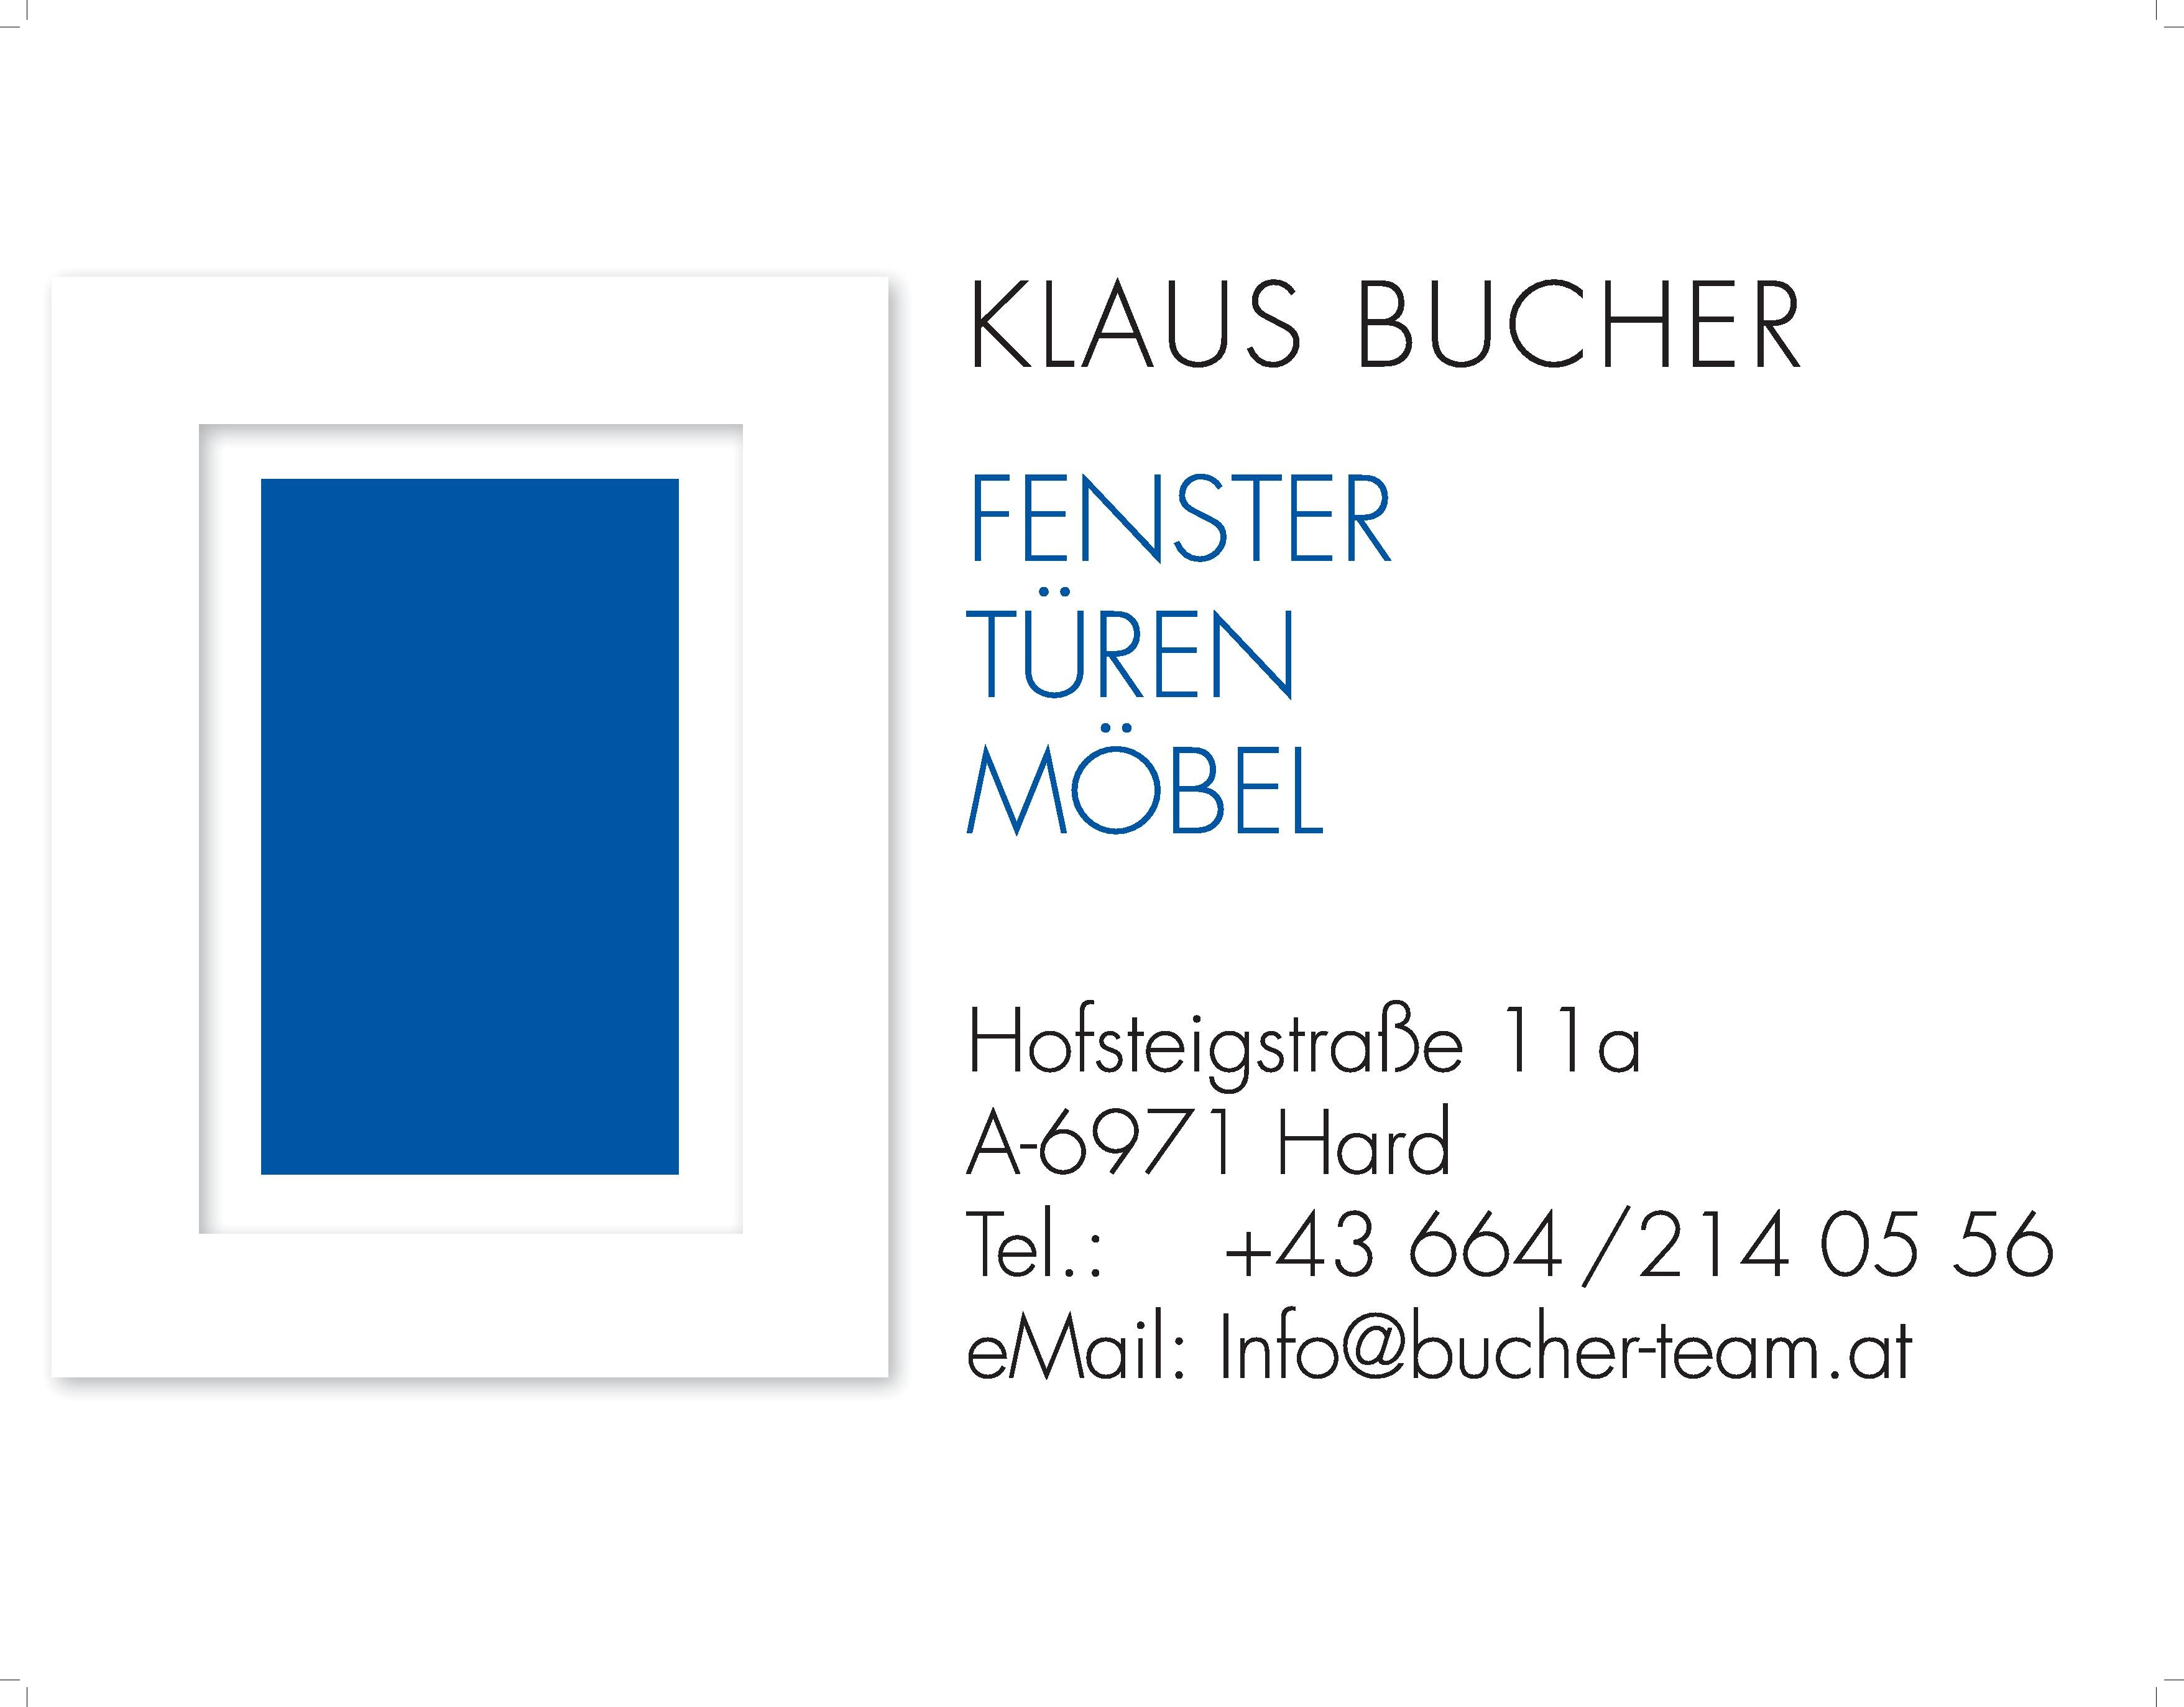 Versicherungsmakler, Vorsorgespezialist und Kreditmakler B-Quadrat aus Dornbirn (Vorarlberg) - Referenz: Klaus Bucher